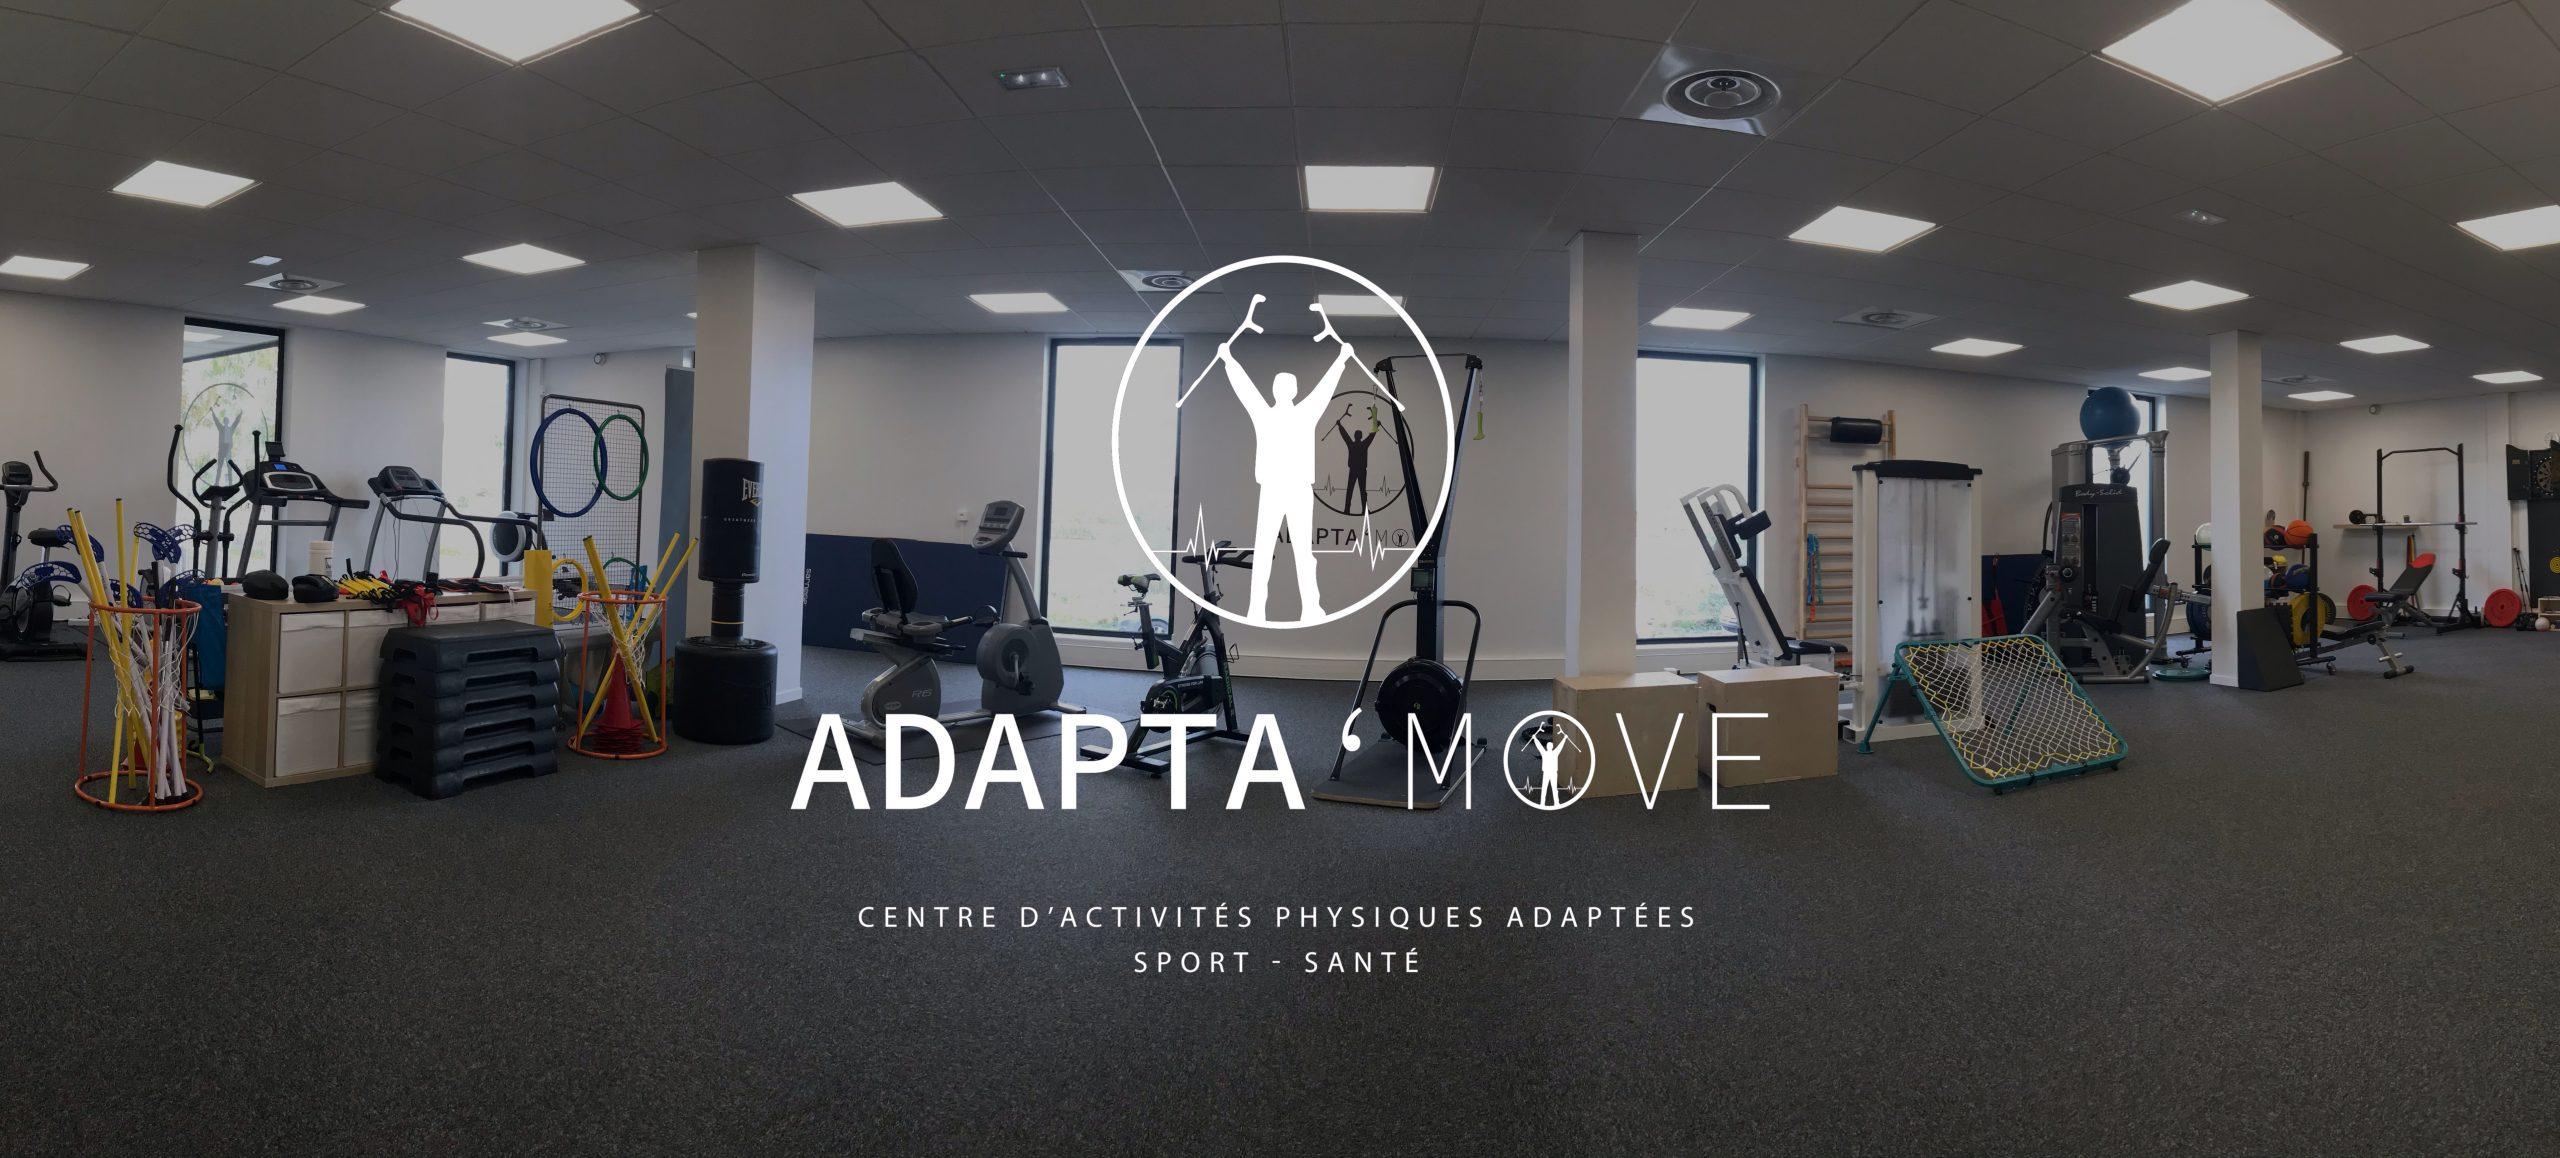 Adapta'Move